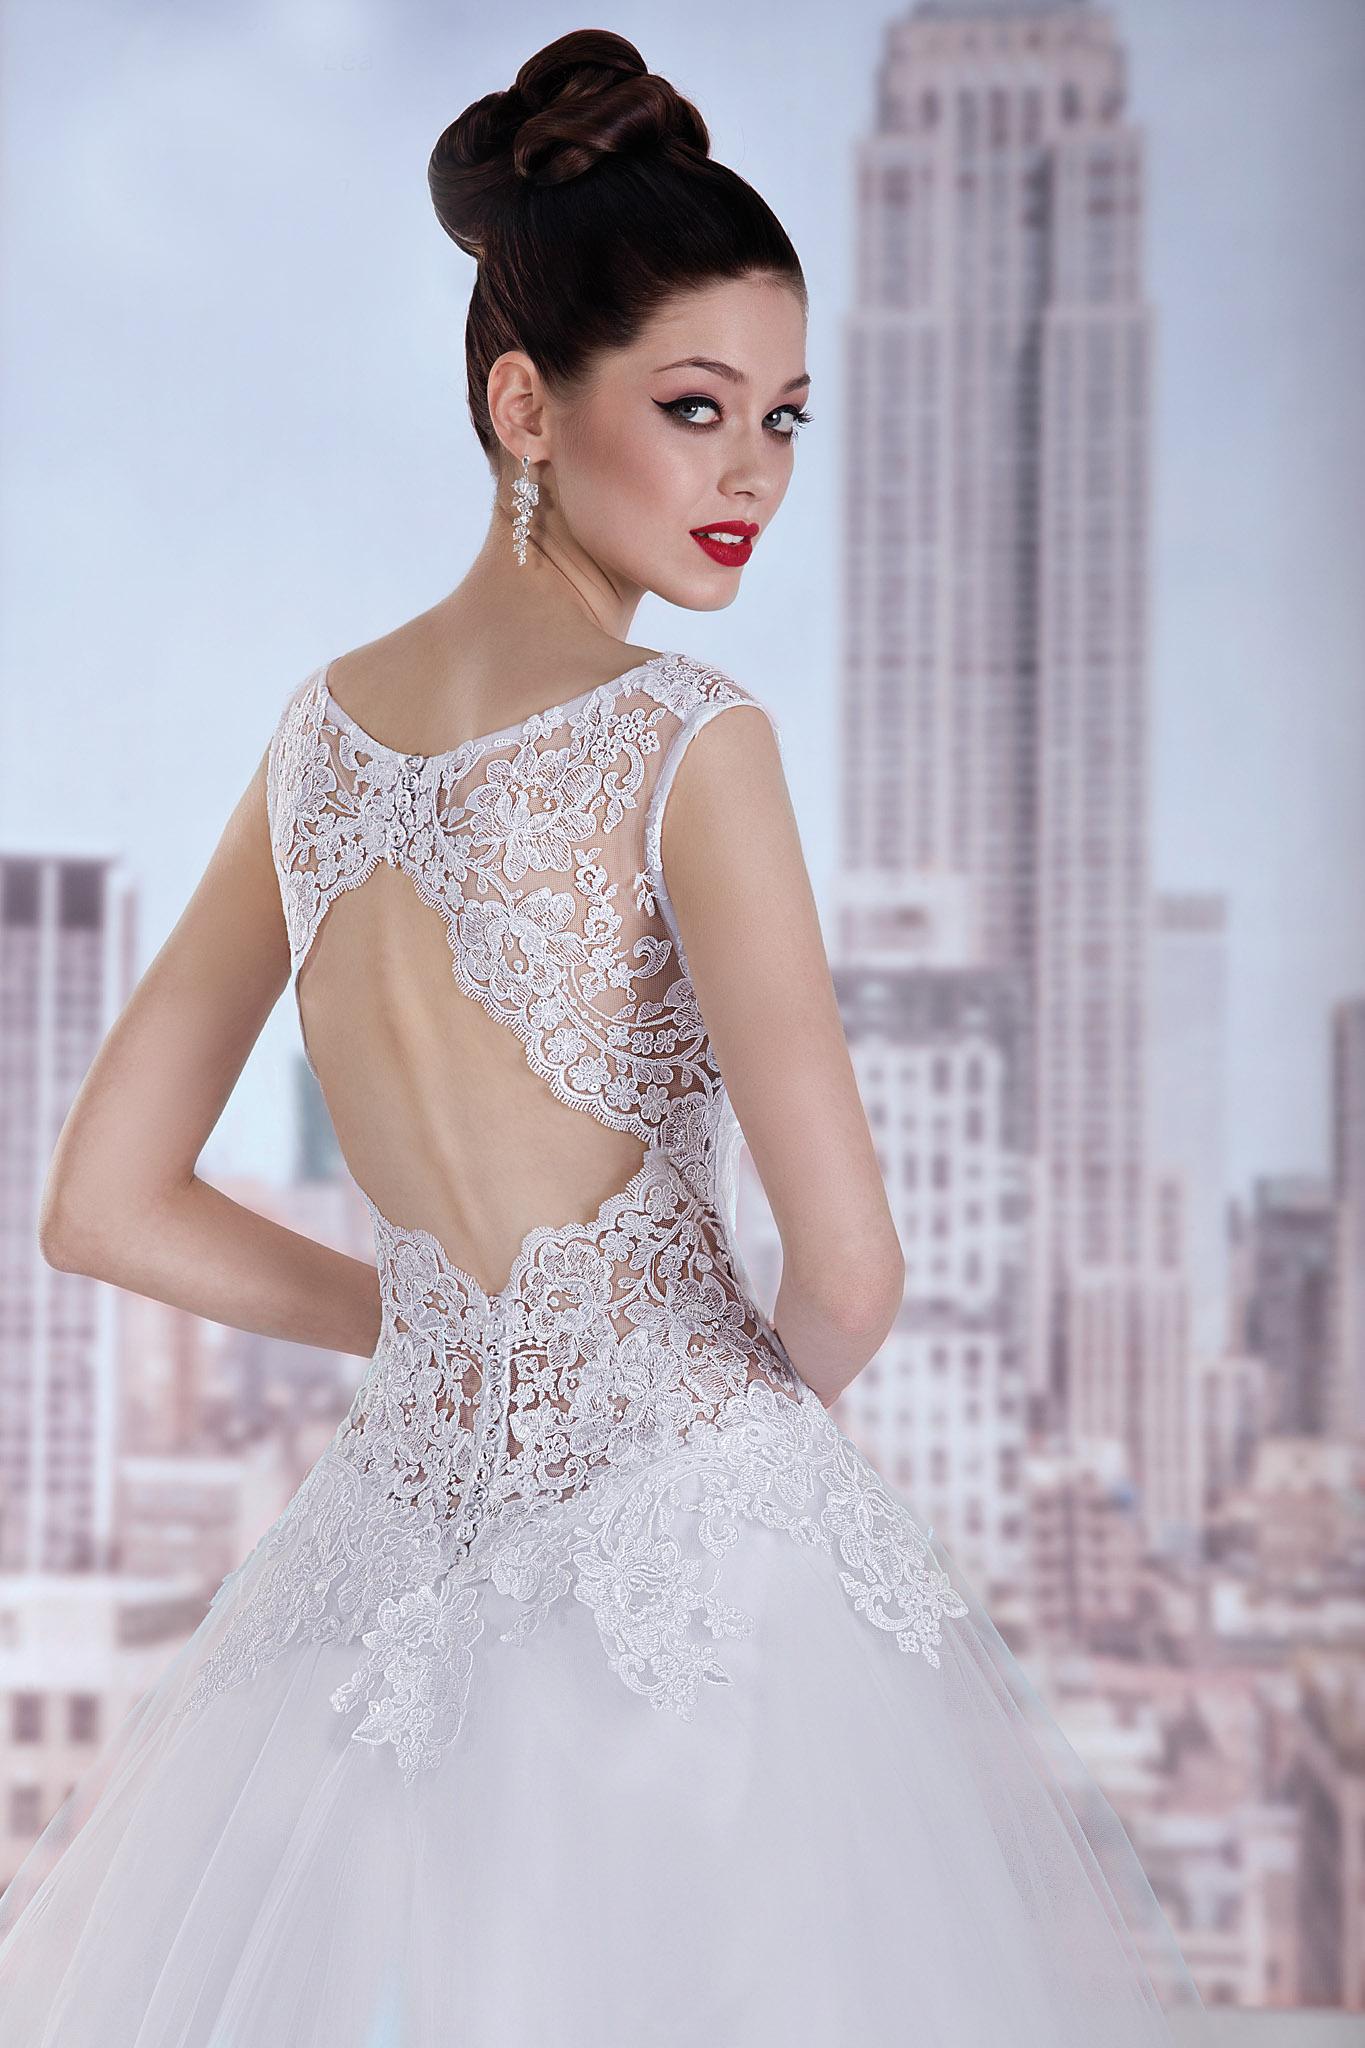 Rückenfreies Brautkleid mit viel Spitze und Tüll - Kleiderfreuden